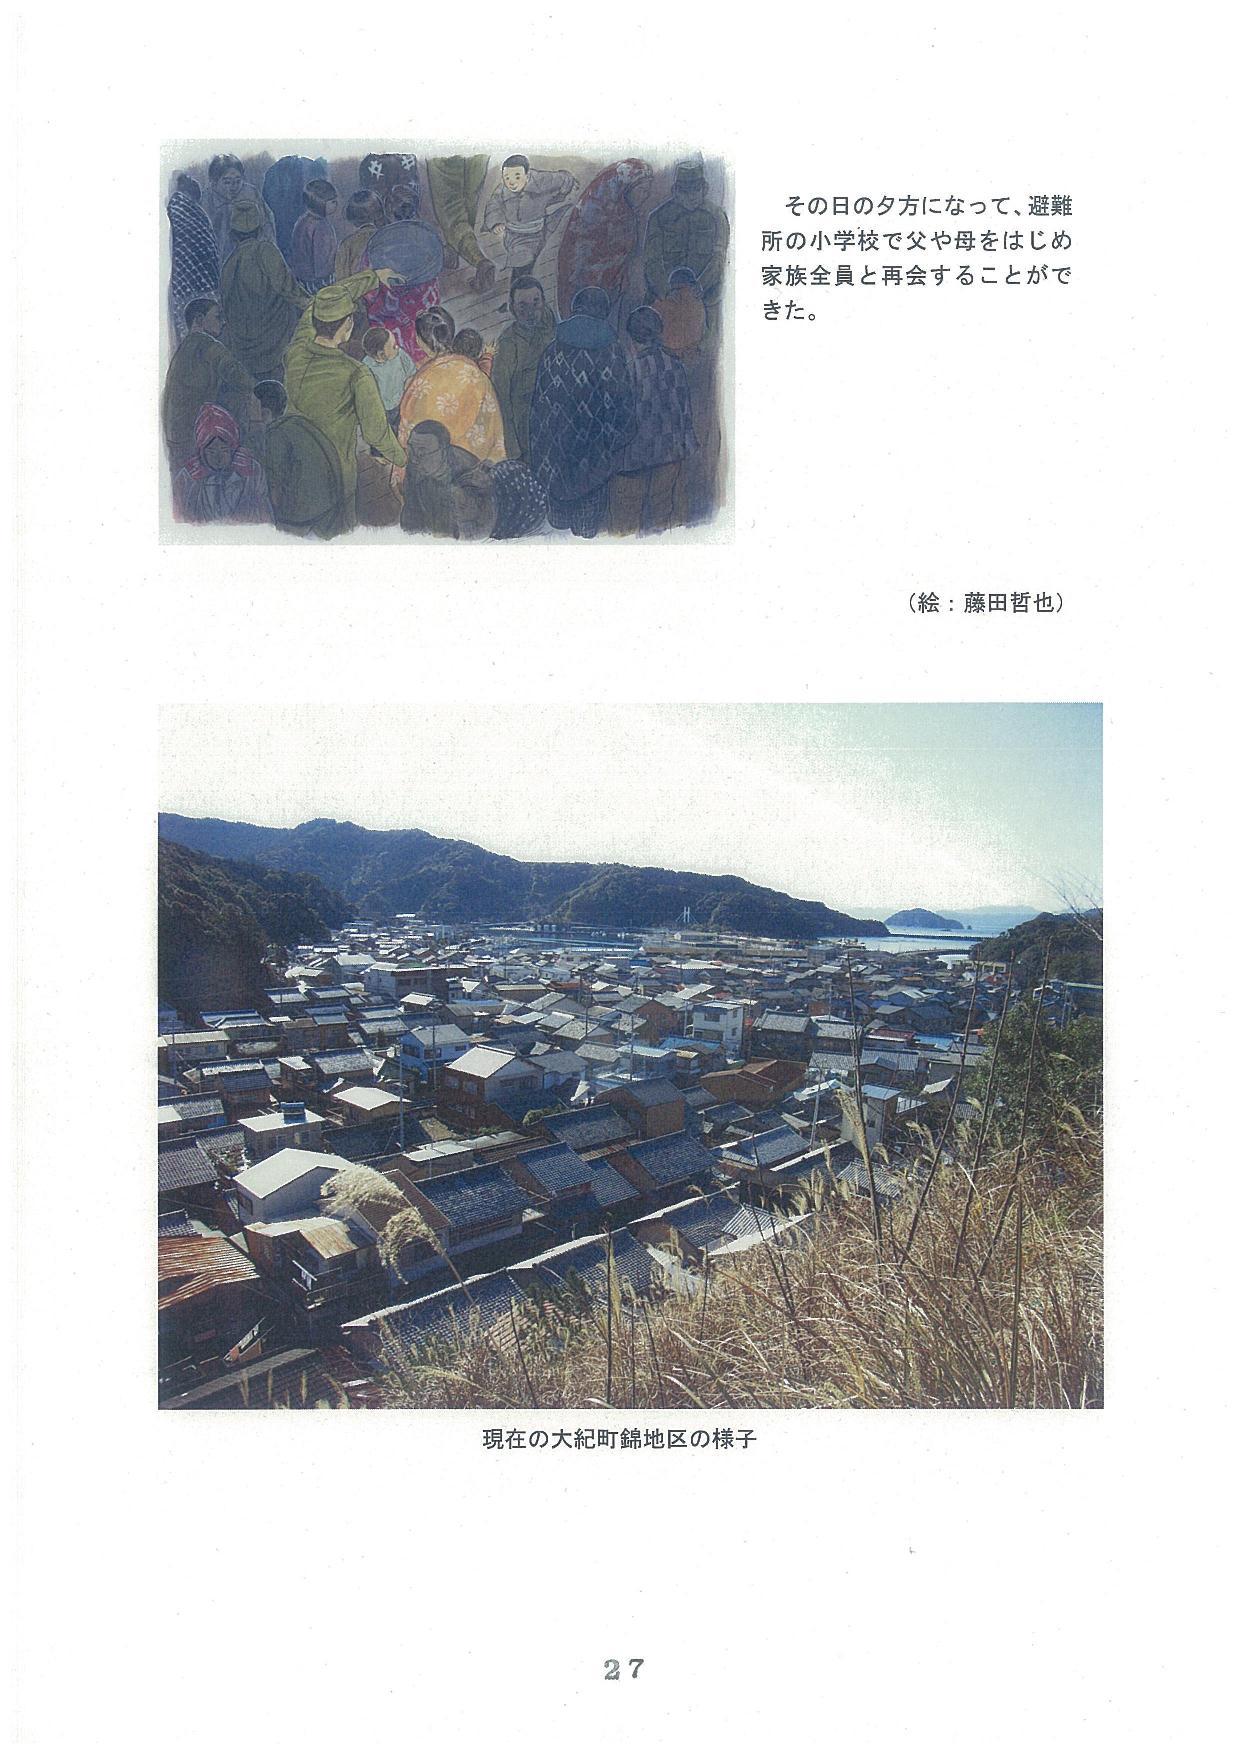 20171208-02_ページ_27